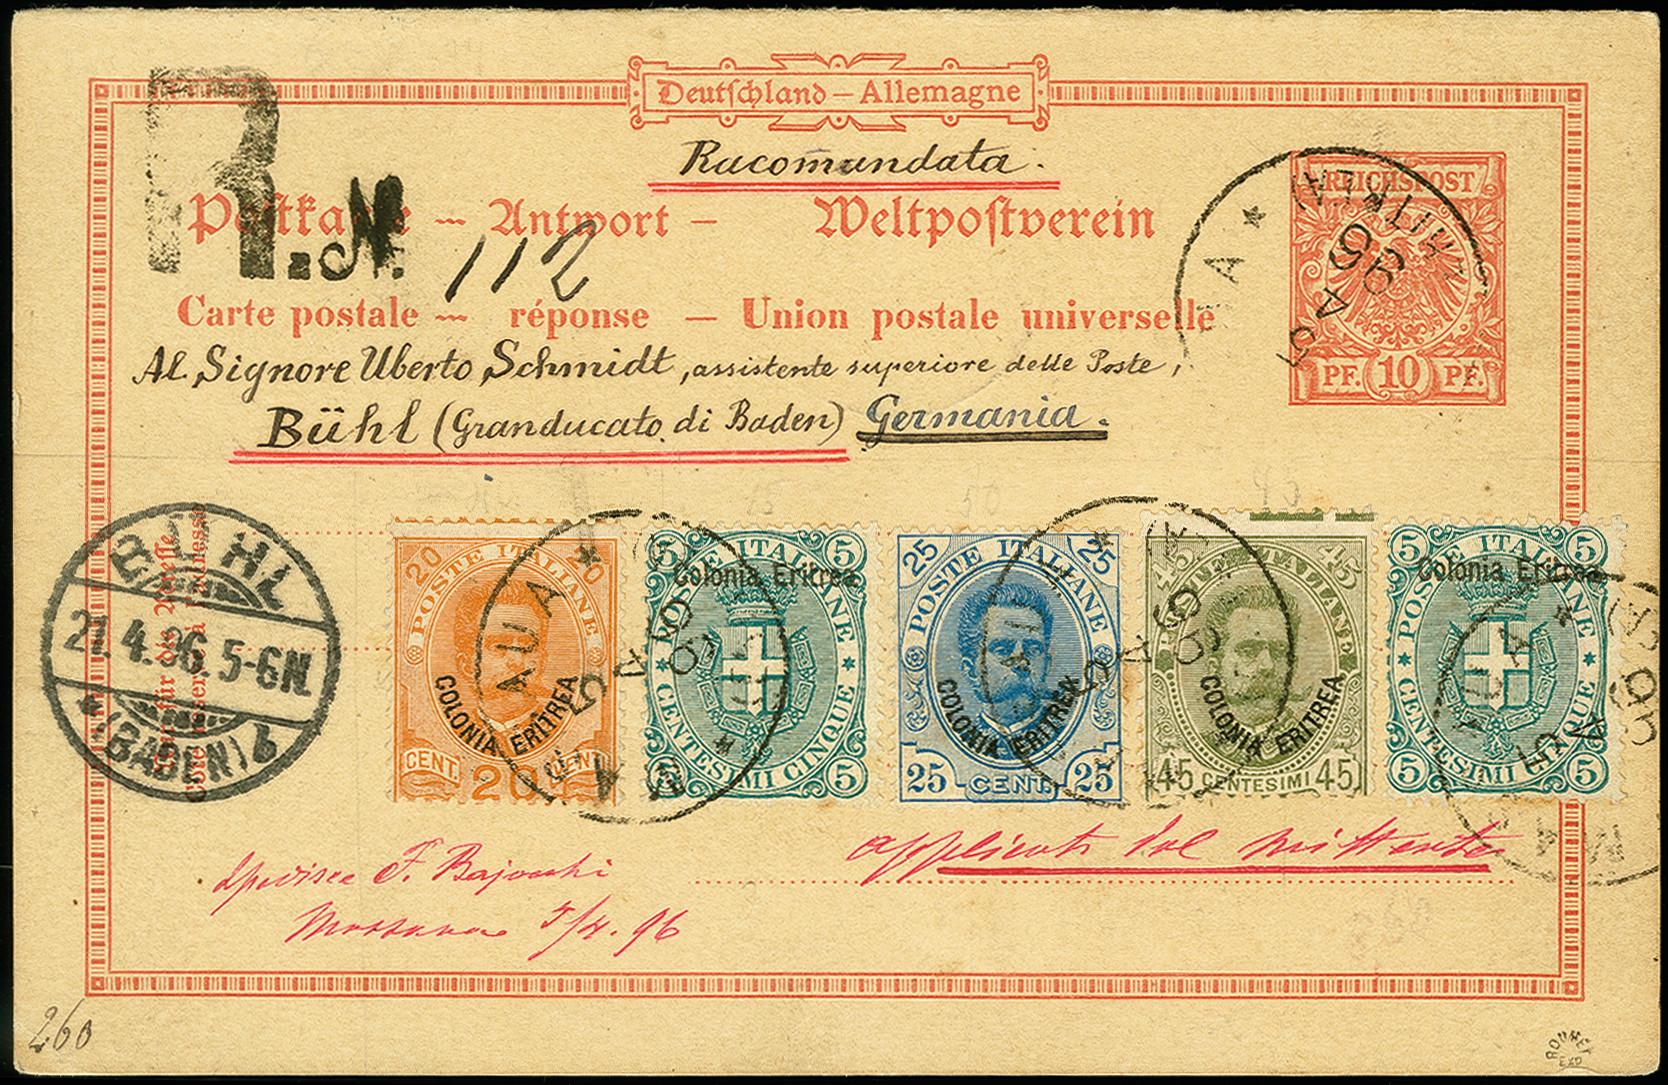 Lot 1723 - italienische post im ausland italian eritrea -  Heinrich Koehler Auktionen 375rd Heinrich Köhler auction - Day 1